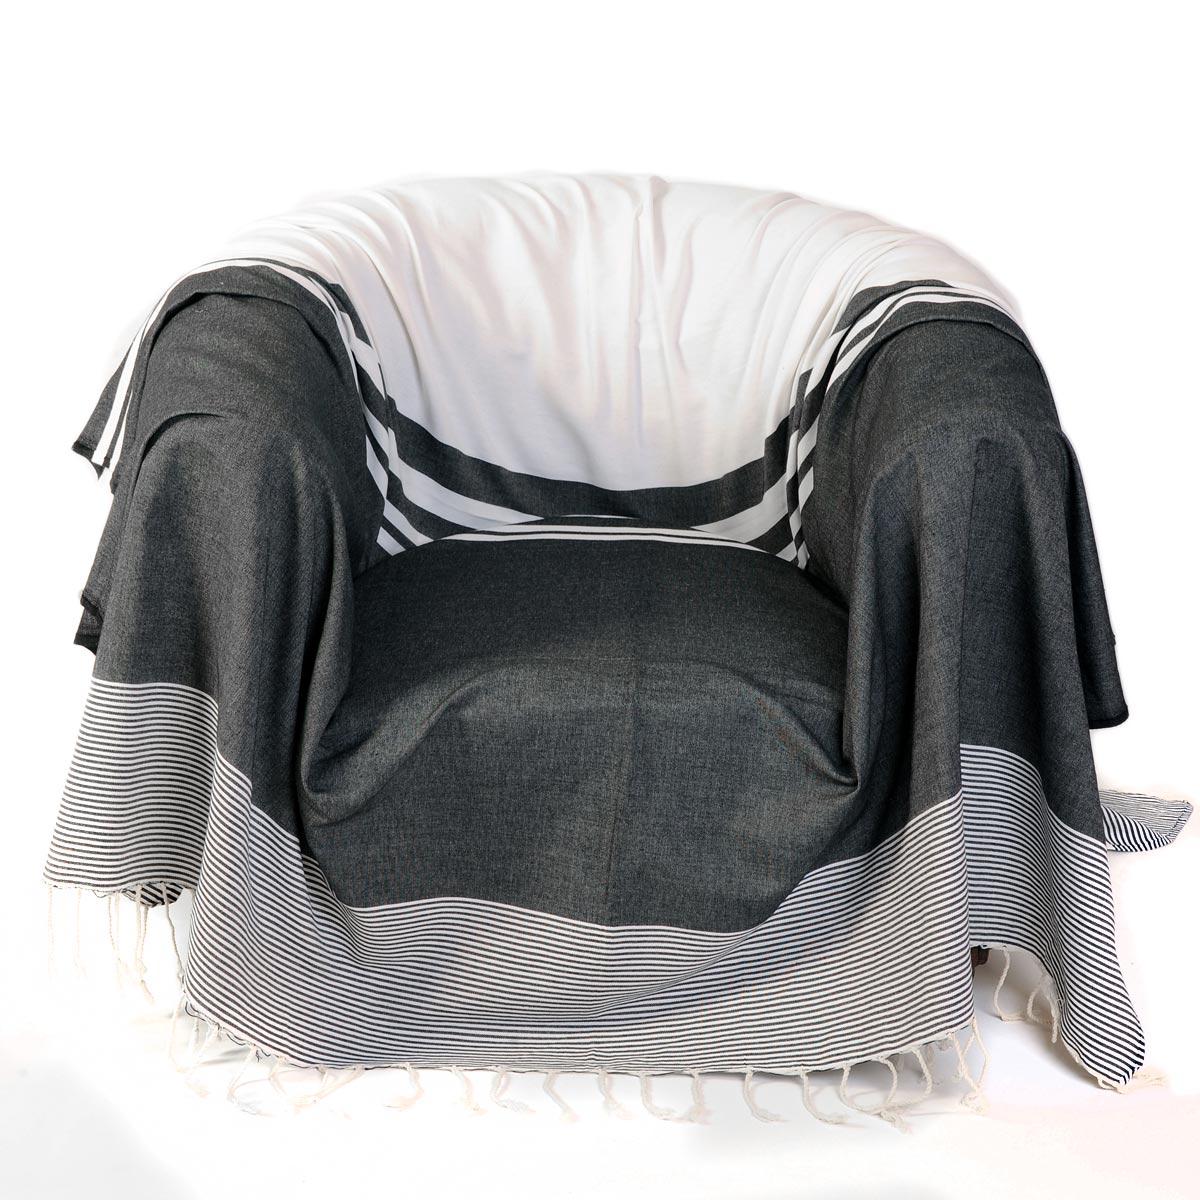 TANGER - Jeté de fauteuil 100% coton rayures noir et blanc 200 x 200